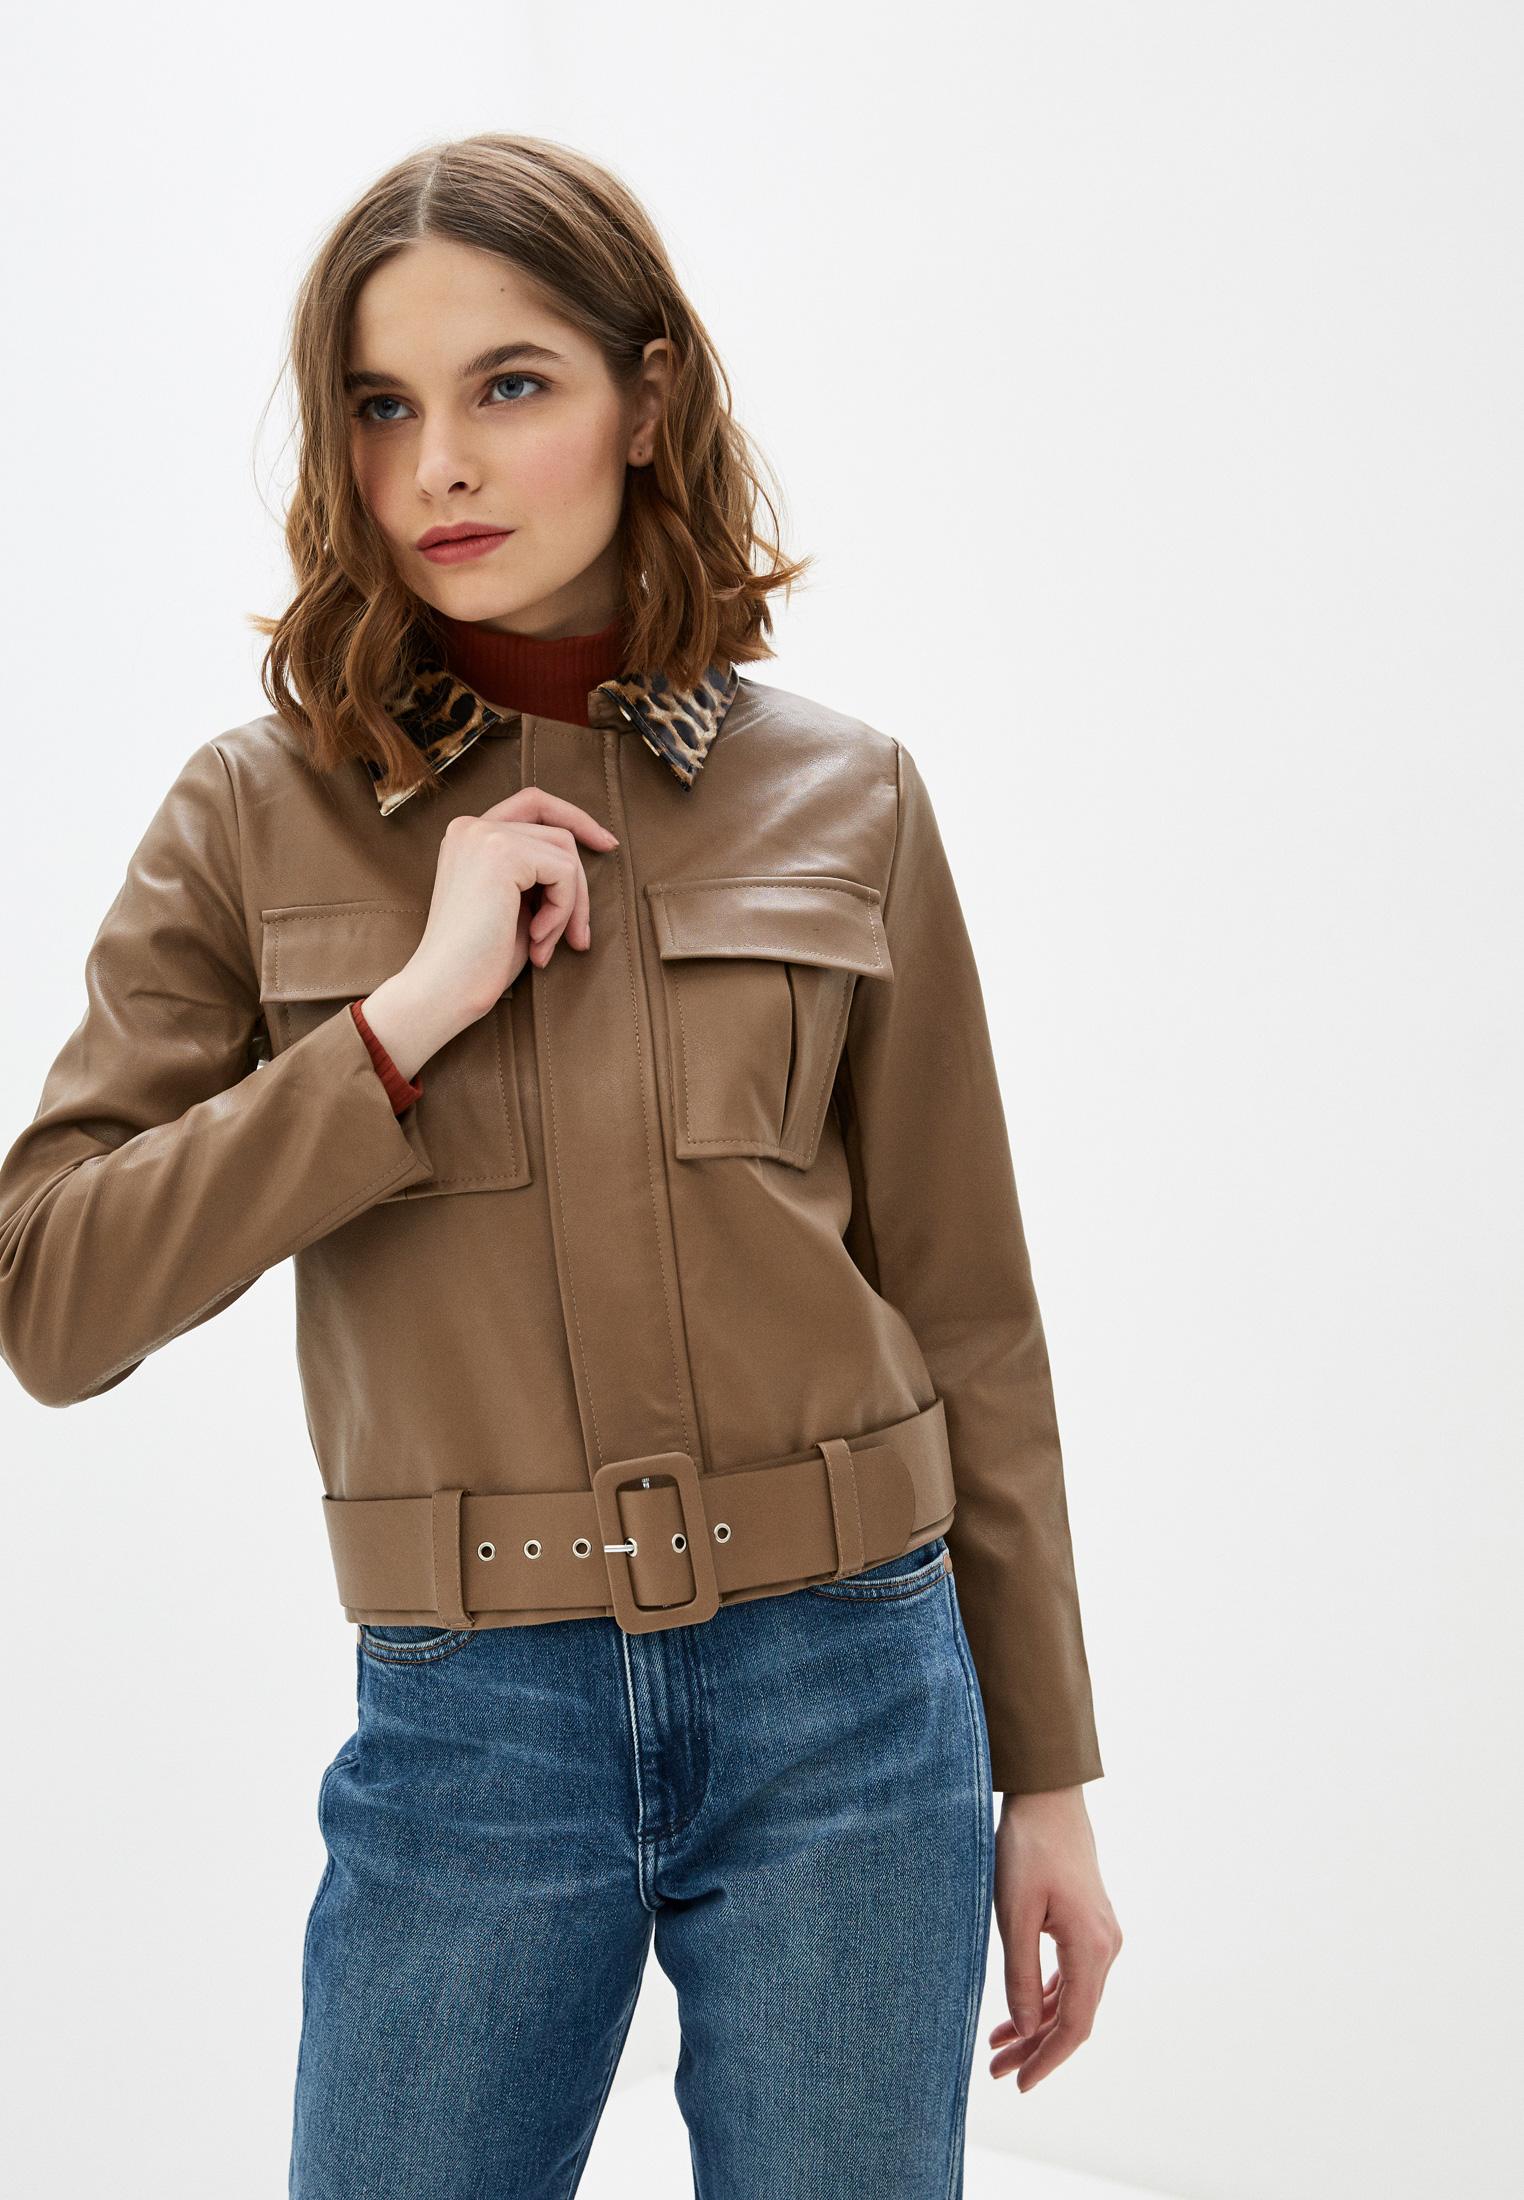 Кожаная куртка Nerouge N513-2